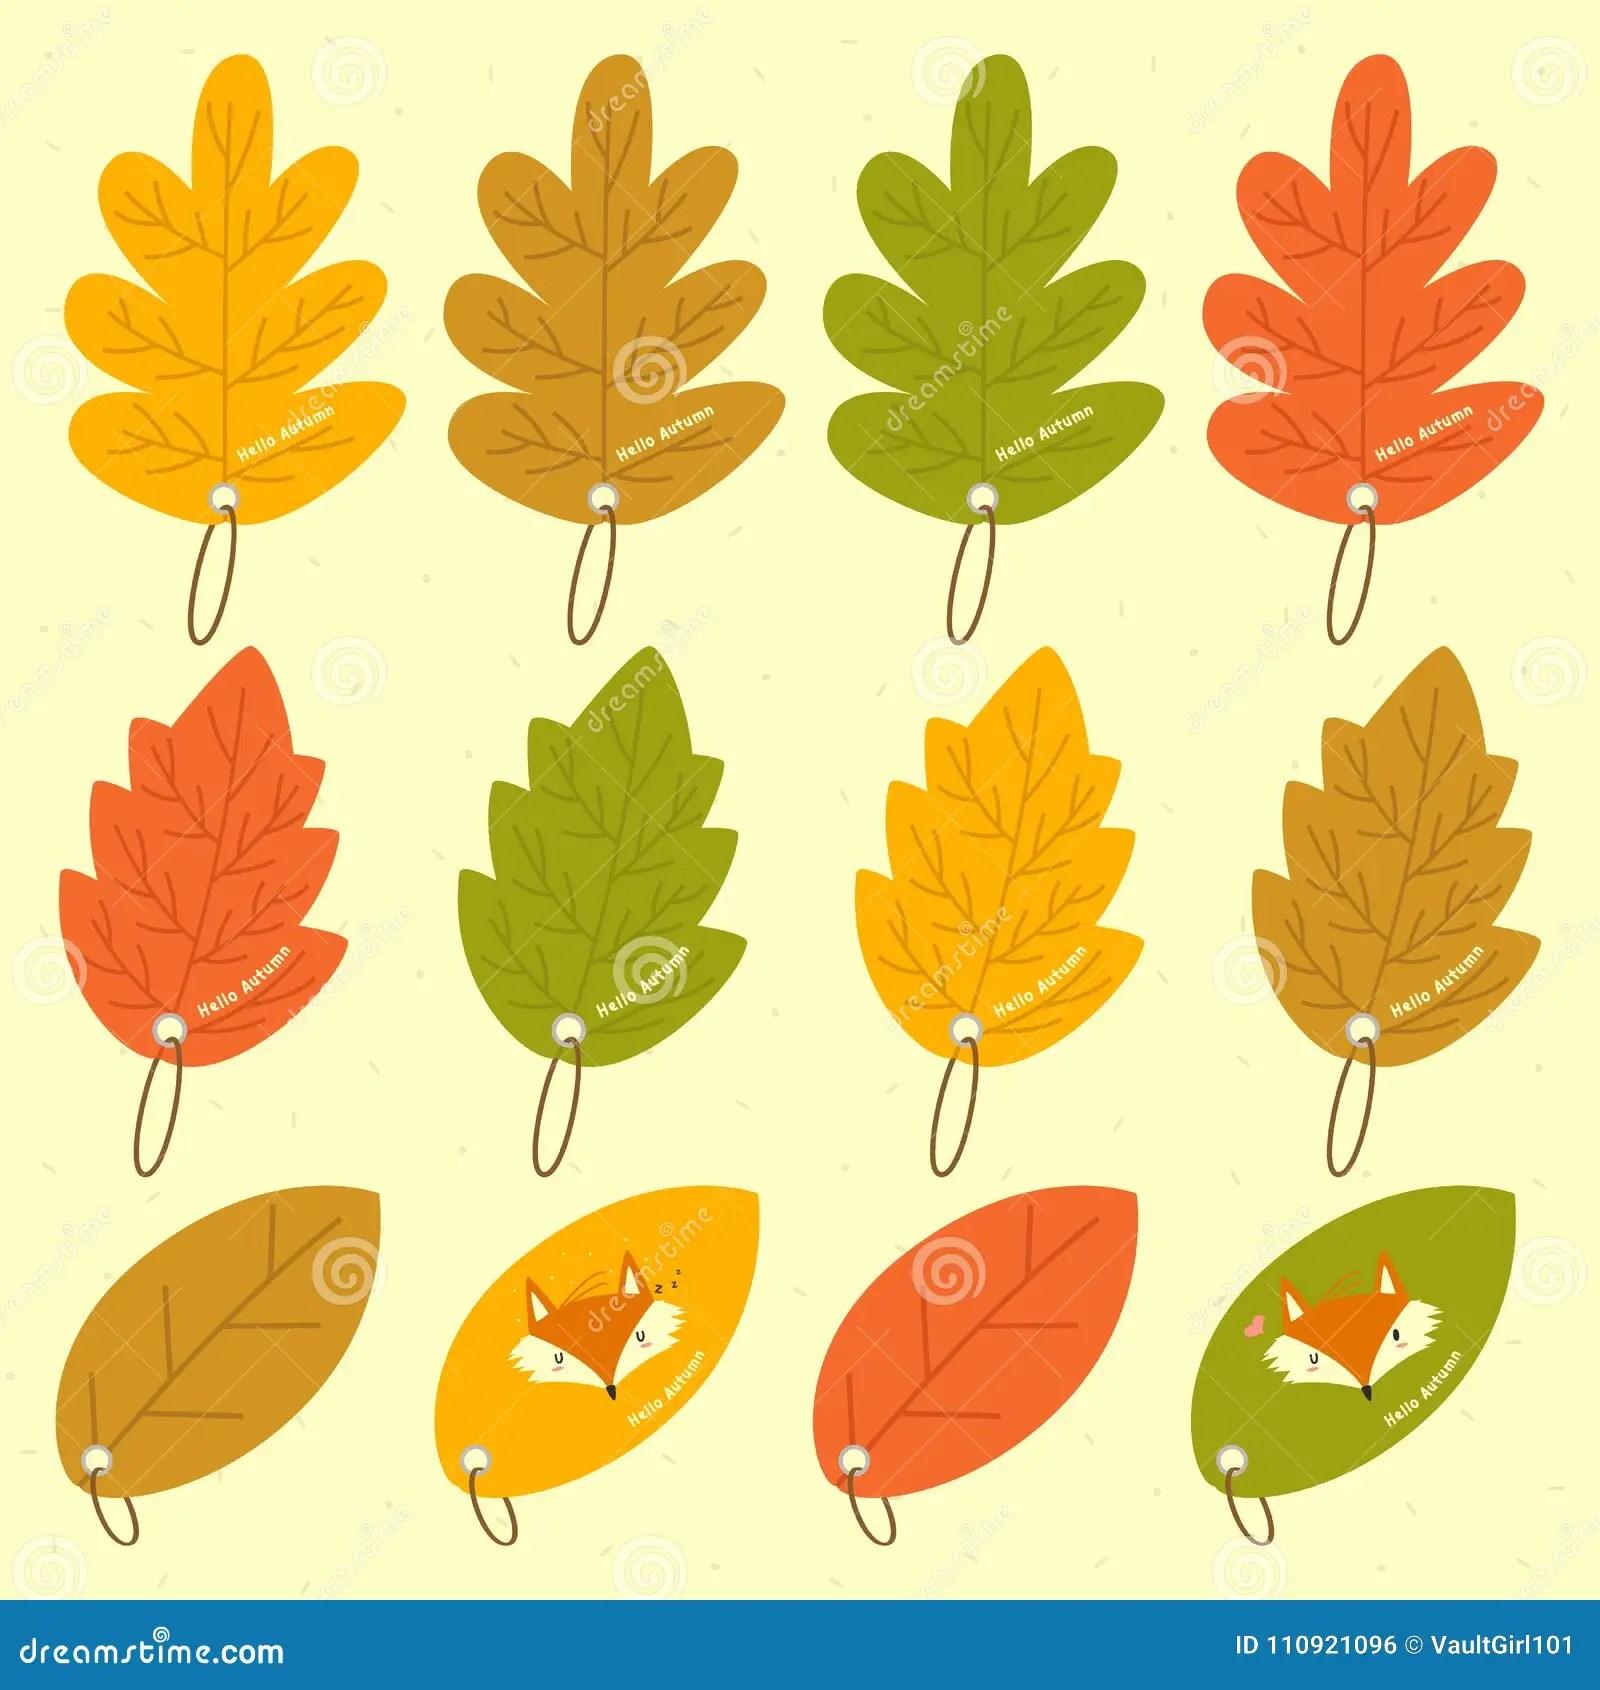 Top Leaves Printable